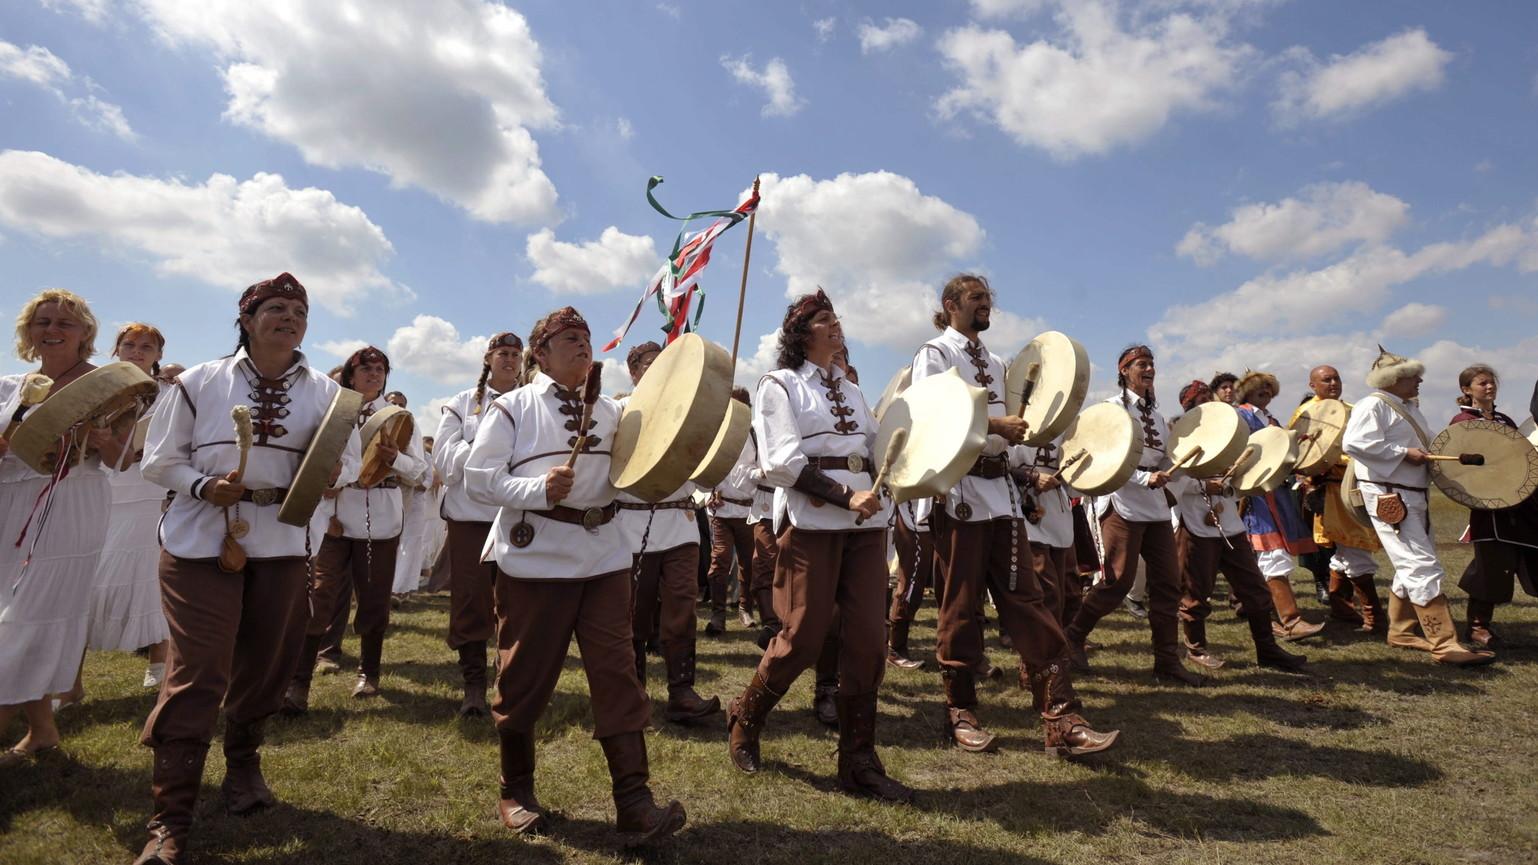 Dobosok vonulnak a Magyar összefogás történelmi élőkép résztvevőiként a Kiskunsági Nemzeti Park területén található Bösztörpusztán, 2008. augusztus 9-én (MTI/Beliczay László)